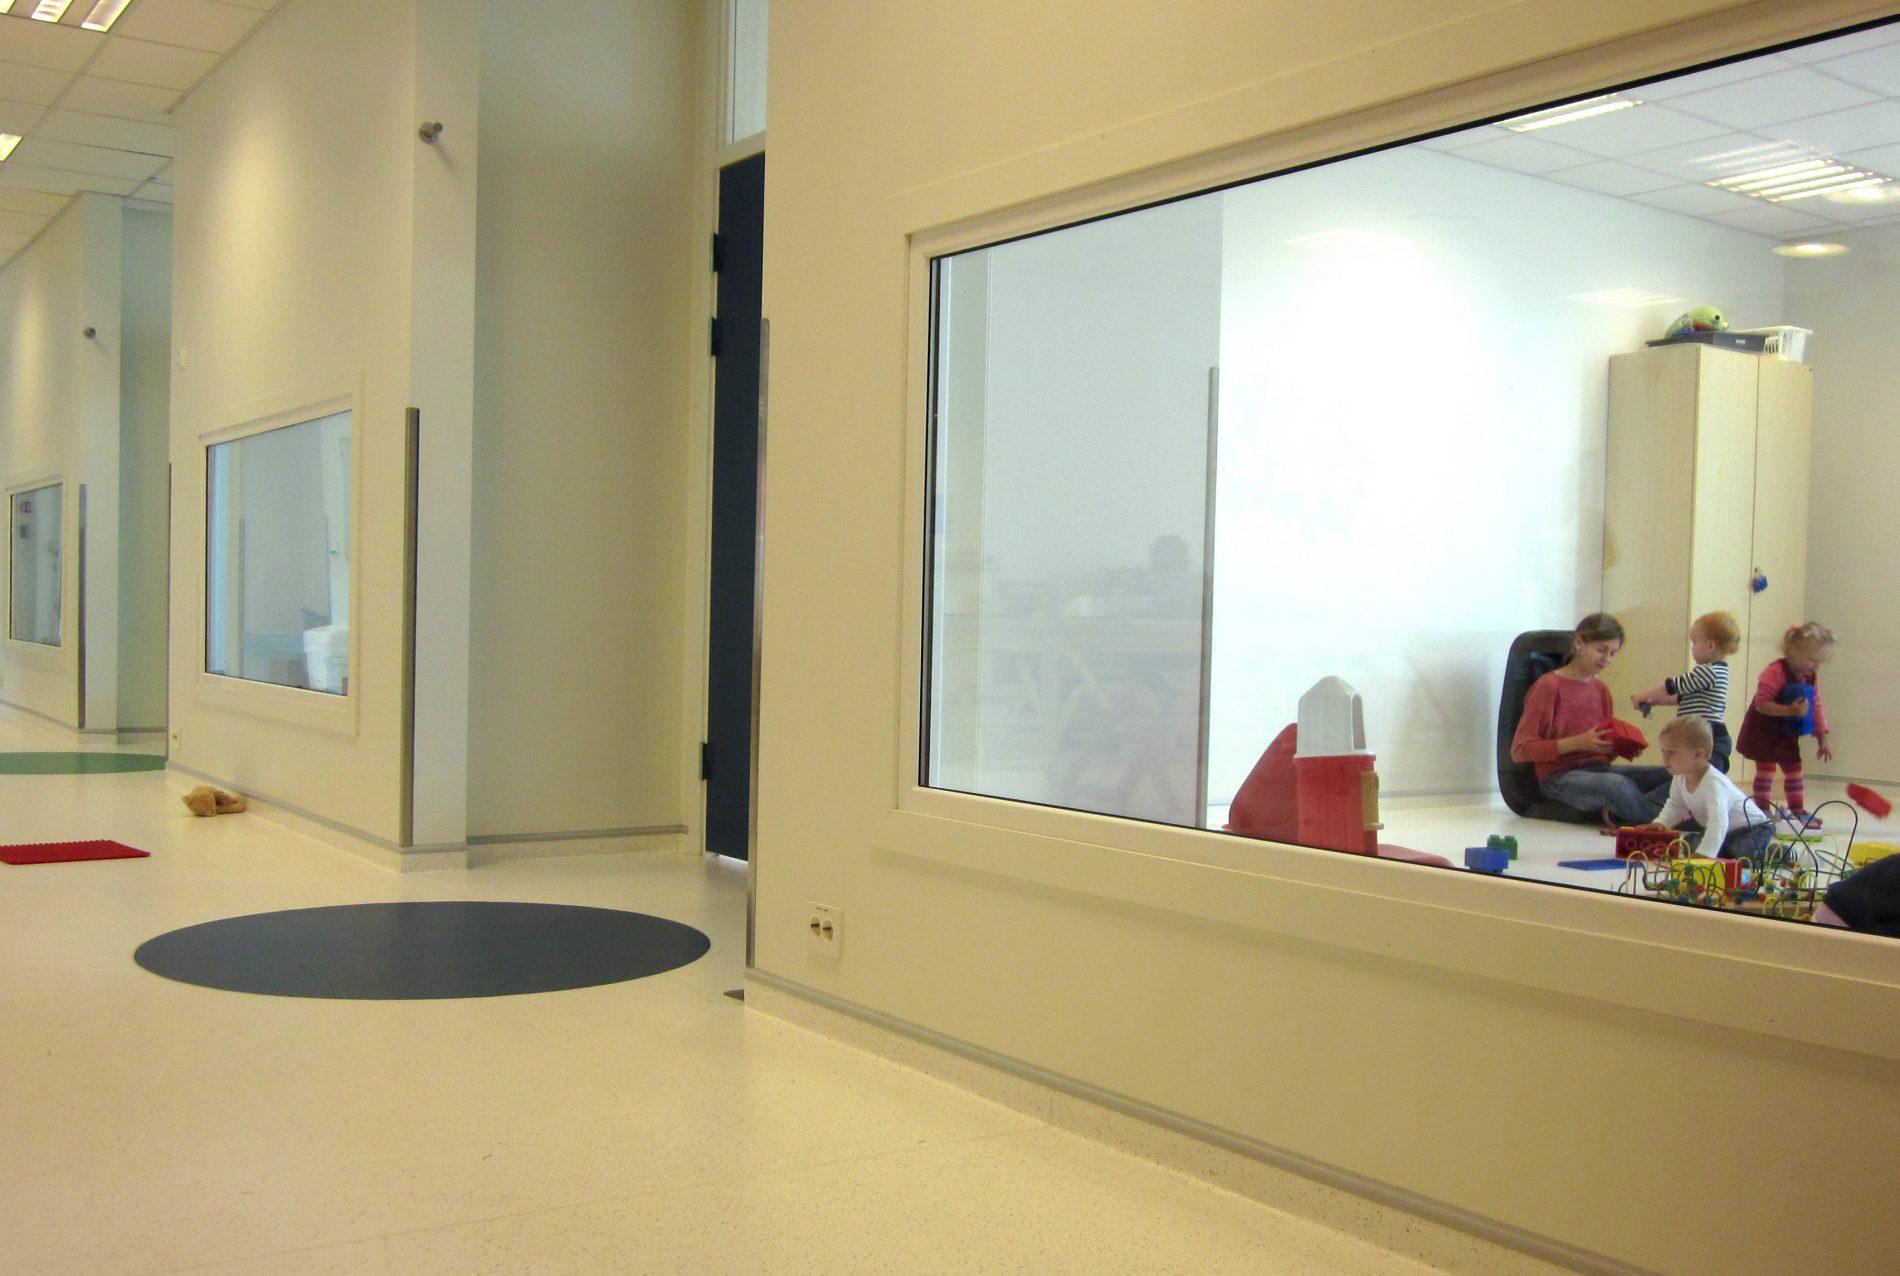 Roligheden Barnehage / Samfunnshus Kristiansand